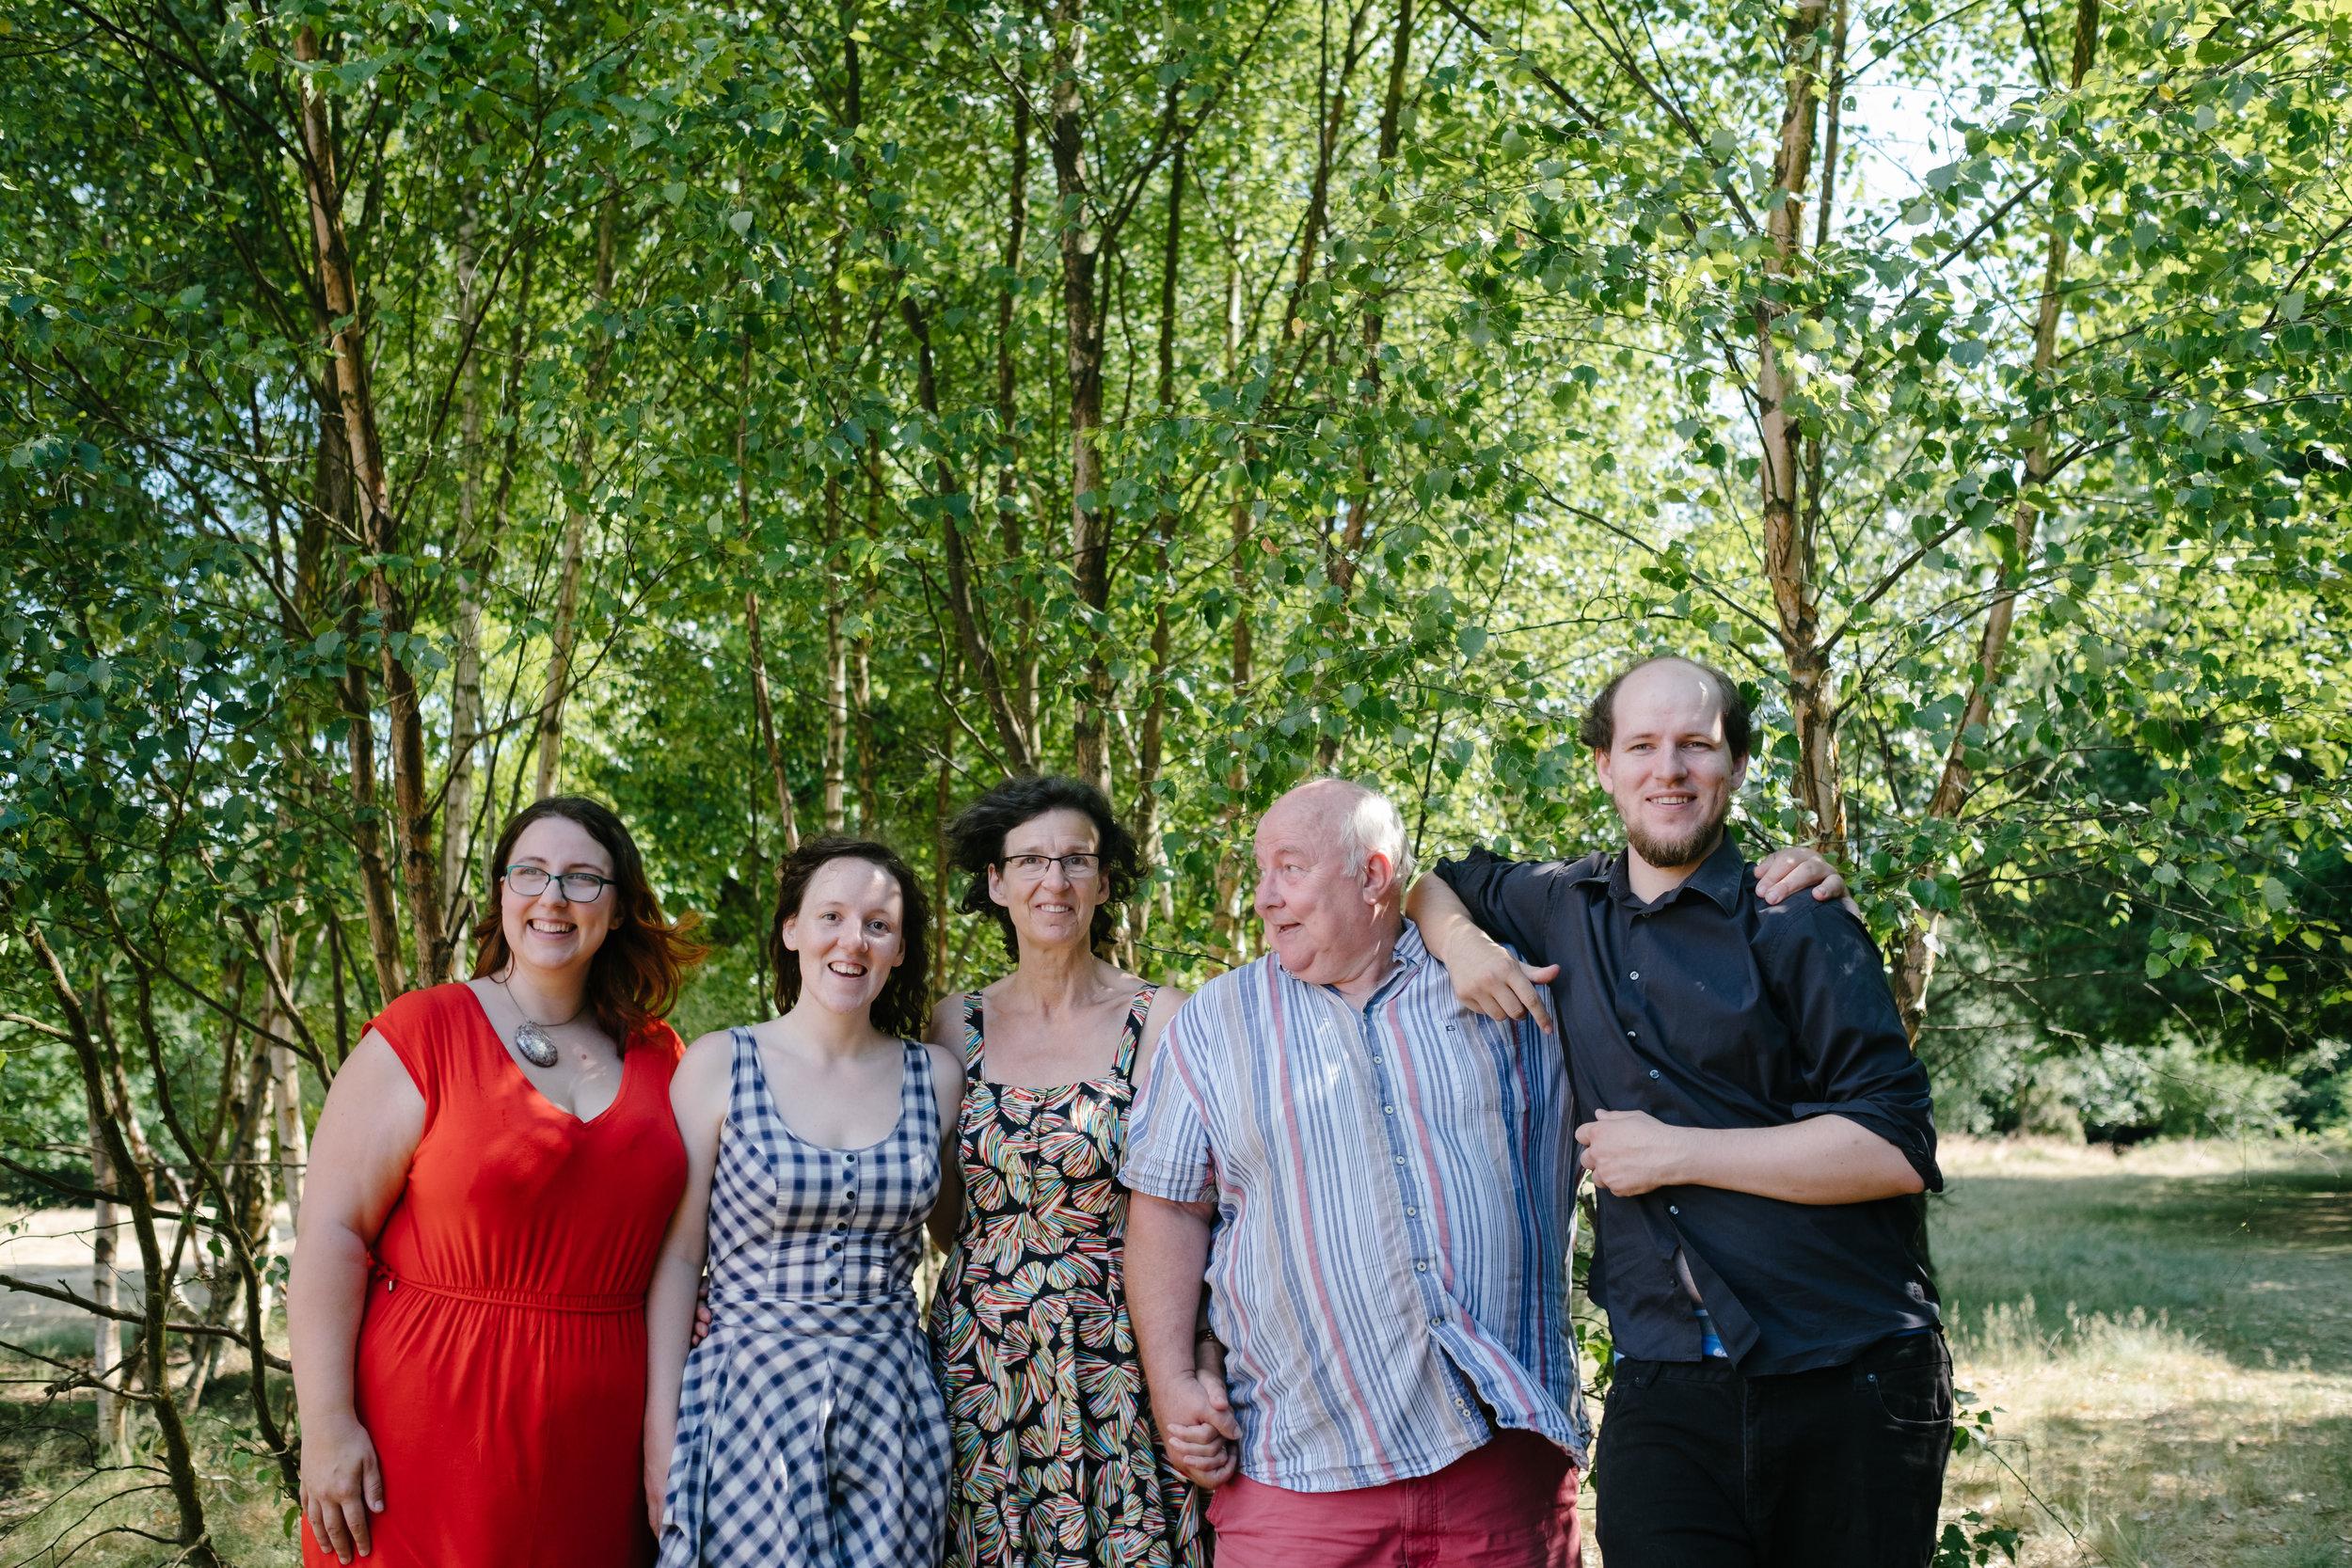 094 Tricia's Family Shoot.jpg